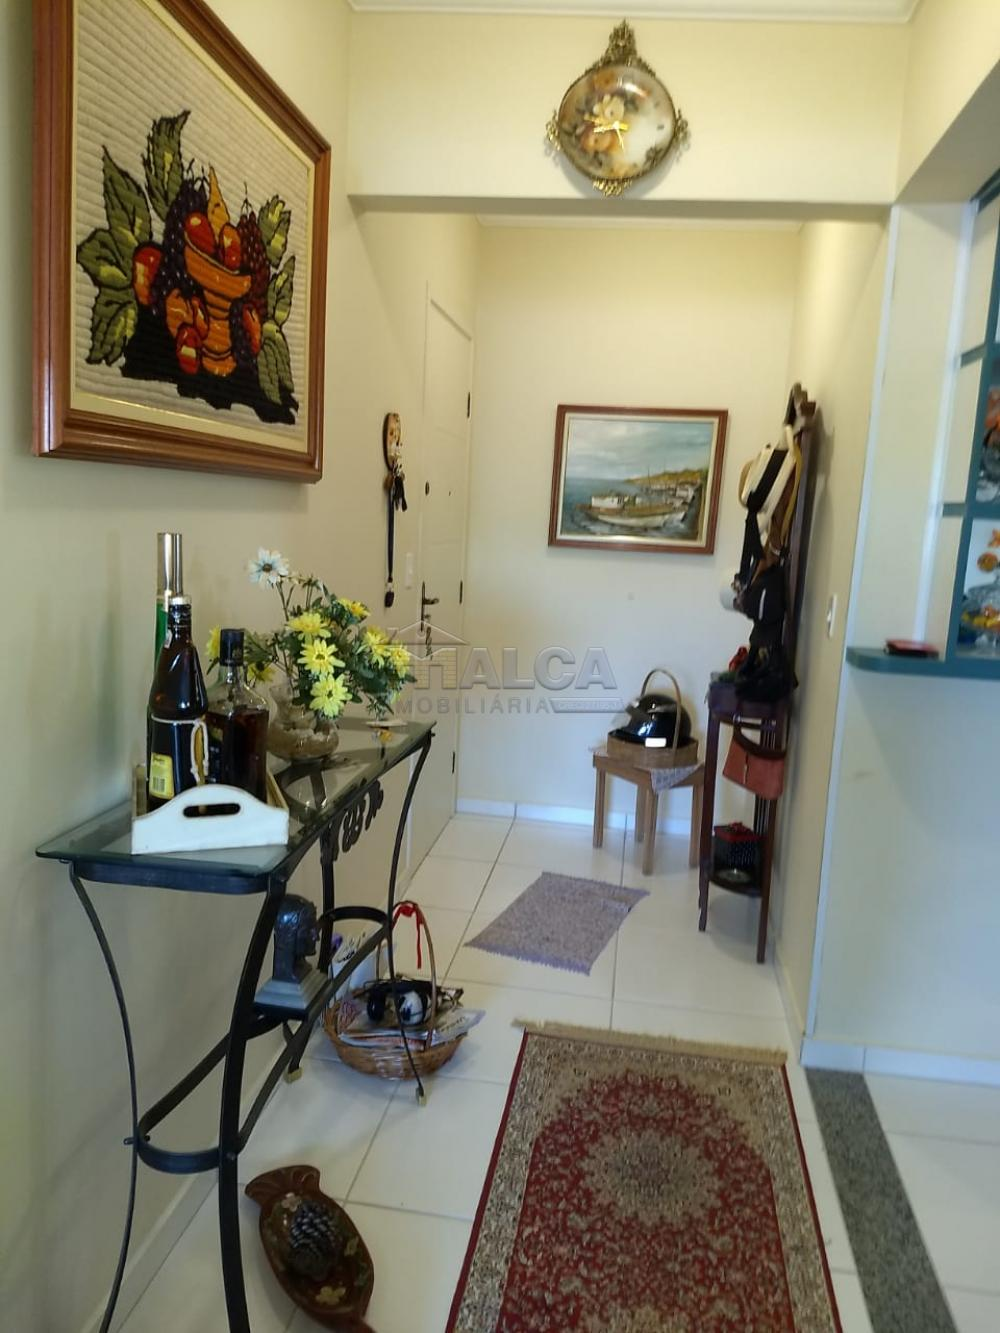 Comprar Apartamentos / Padrão em Poços de Caldas R$ 450.000,00 - Foto 3